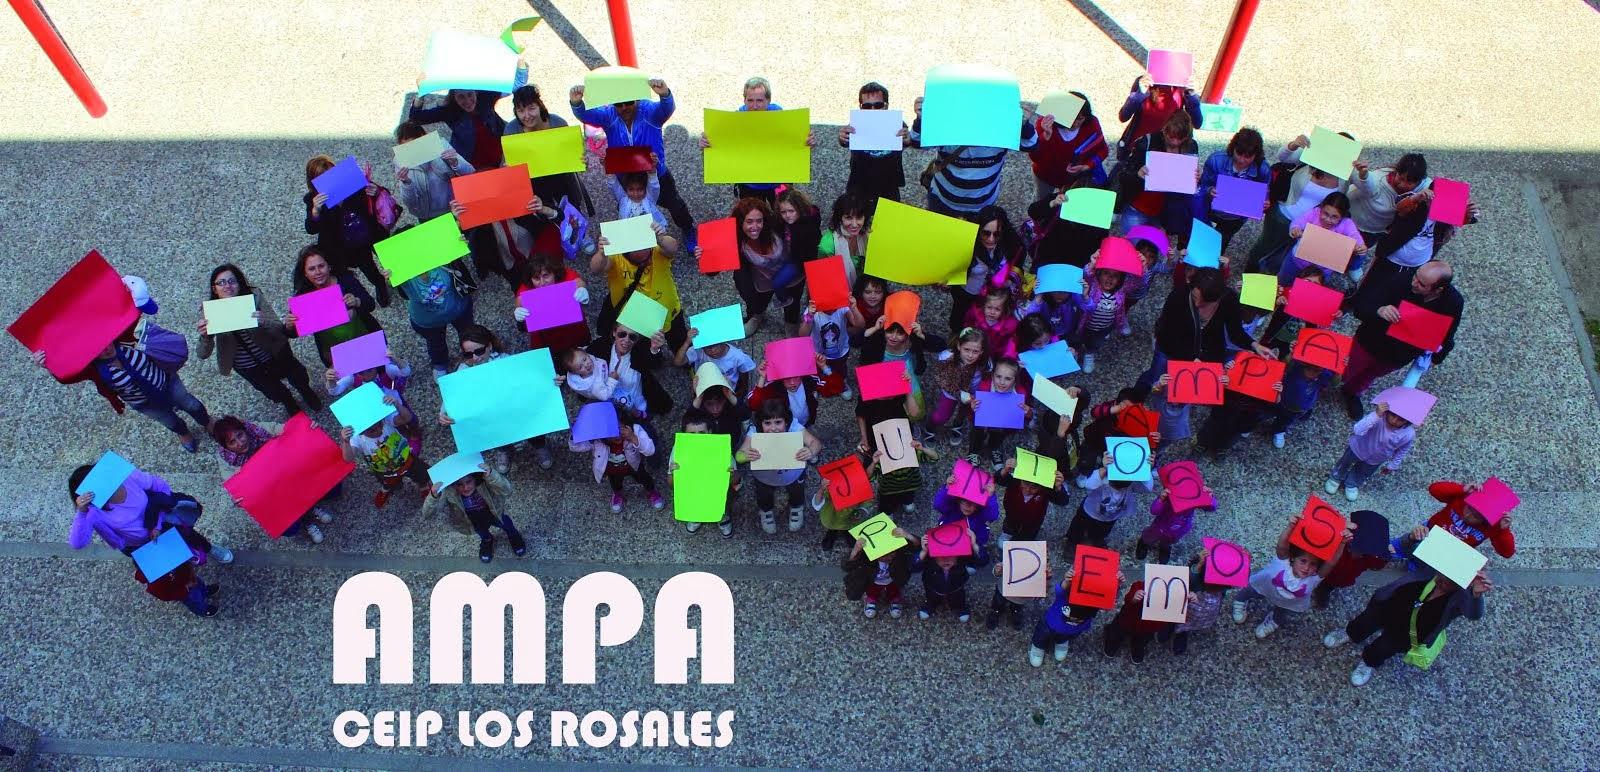 AMPA Los Rosales